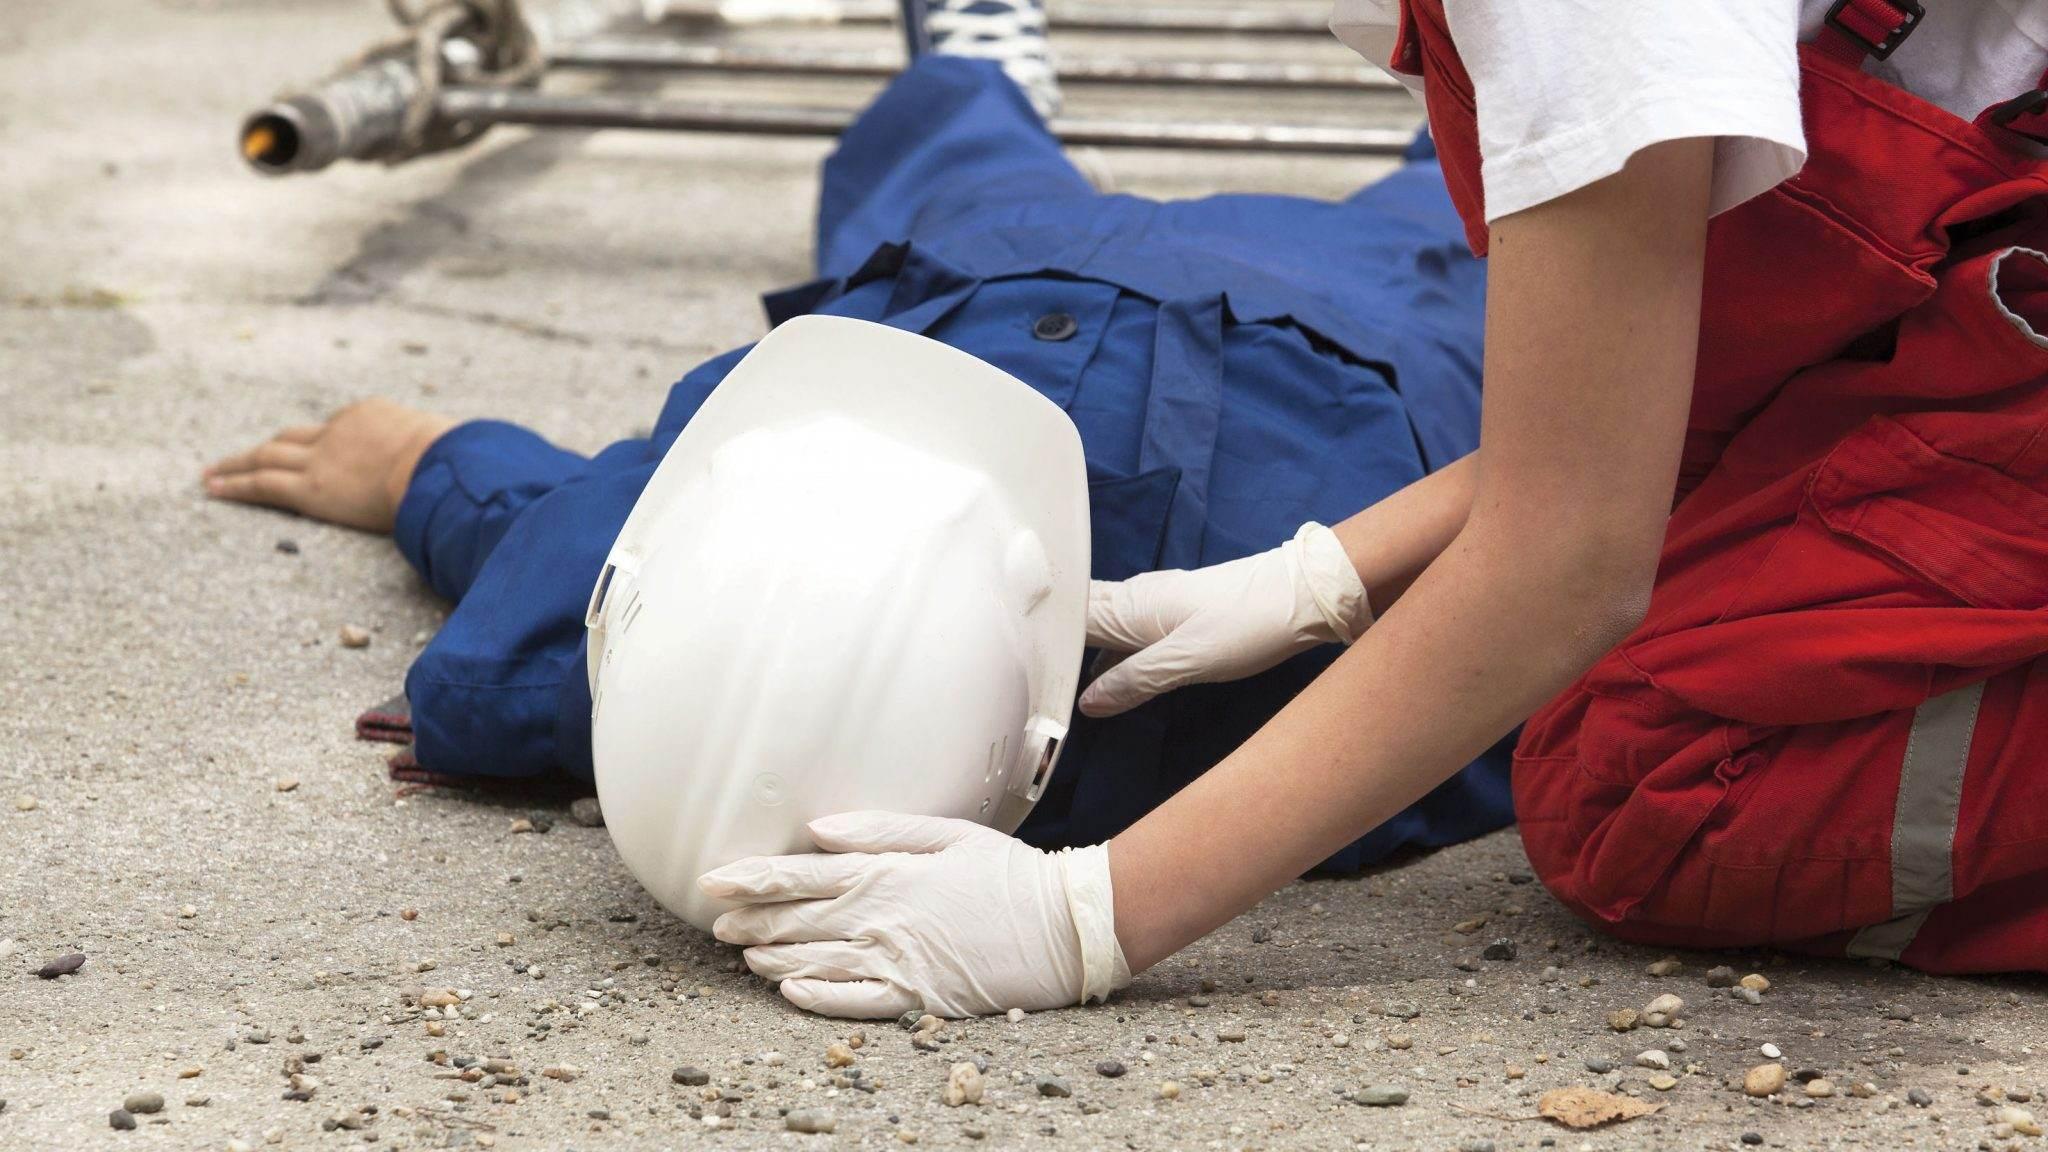 accident-munca 16.08.2016  - accident munca 16 - ACCIDENT DE MUNCA CU VICTIME IN STARE DE SOC: CUM ACORDAM PRIMUL AJUTOR?